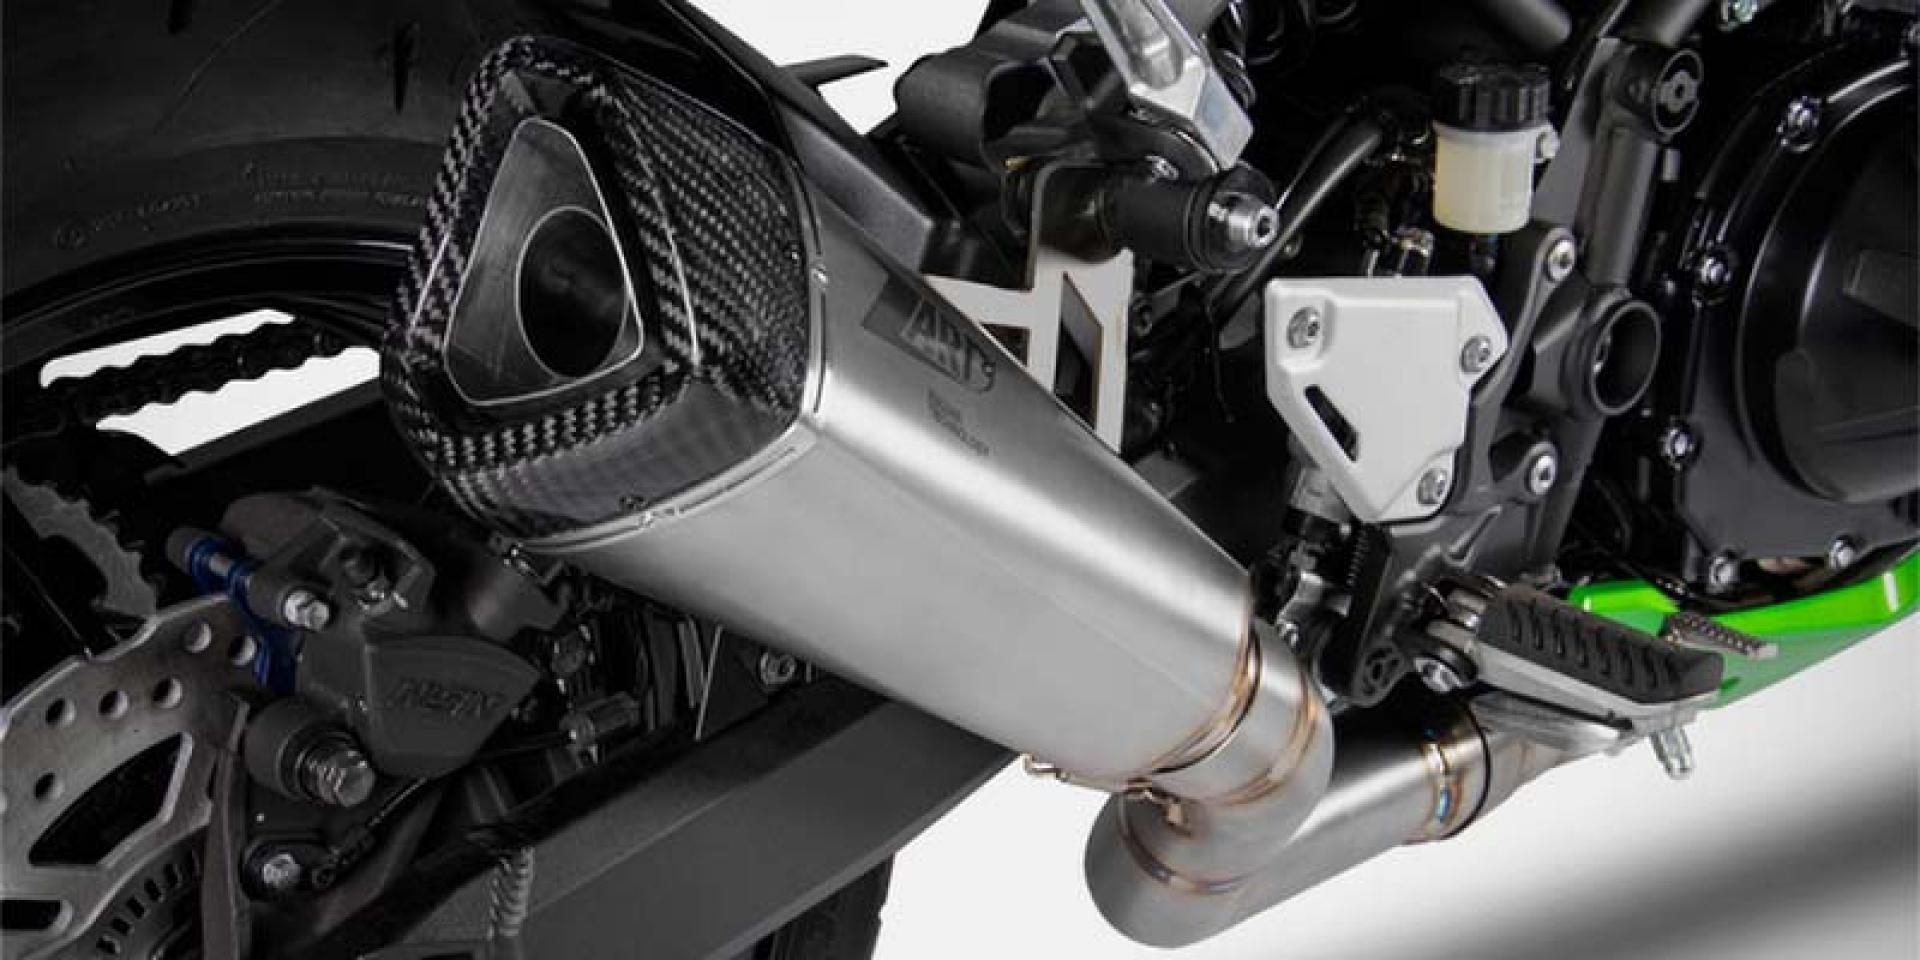 來自義大利的聲音,ZARD推出Z900全段排氣管